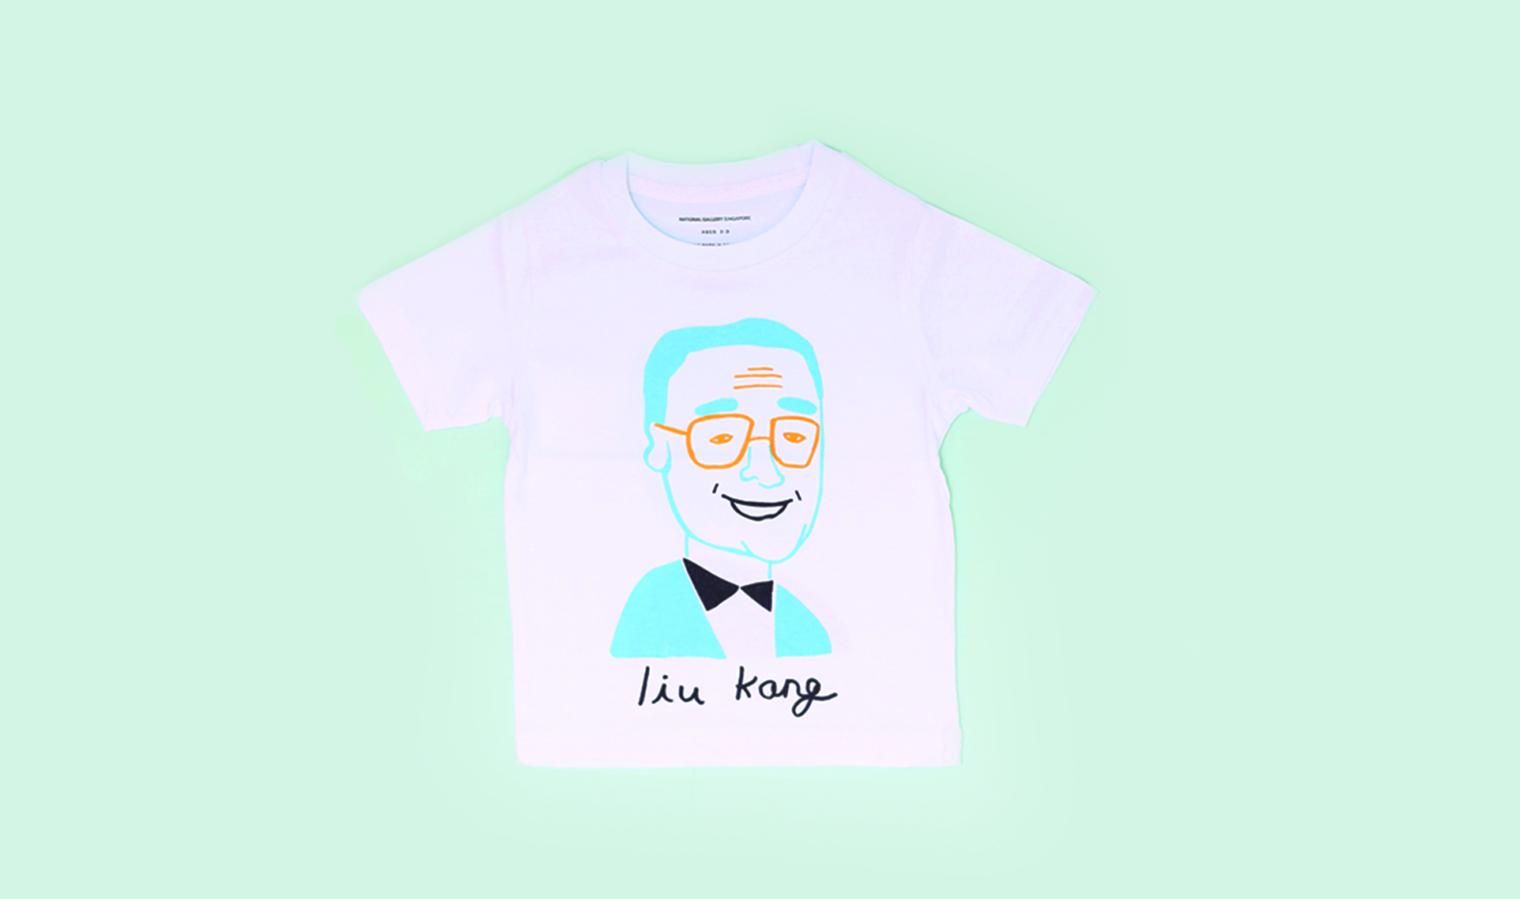 liu-kang-shirt